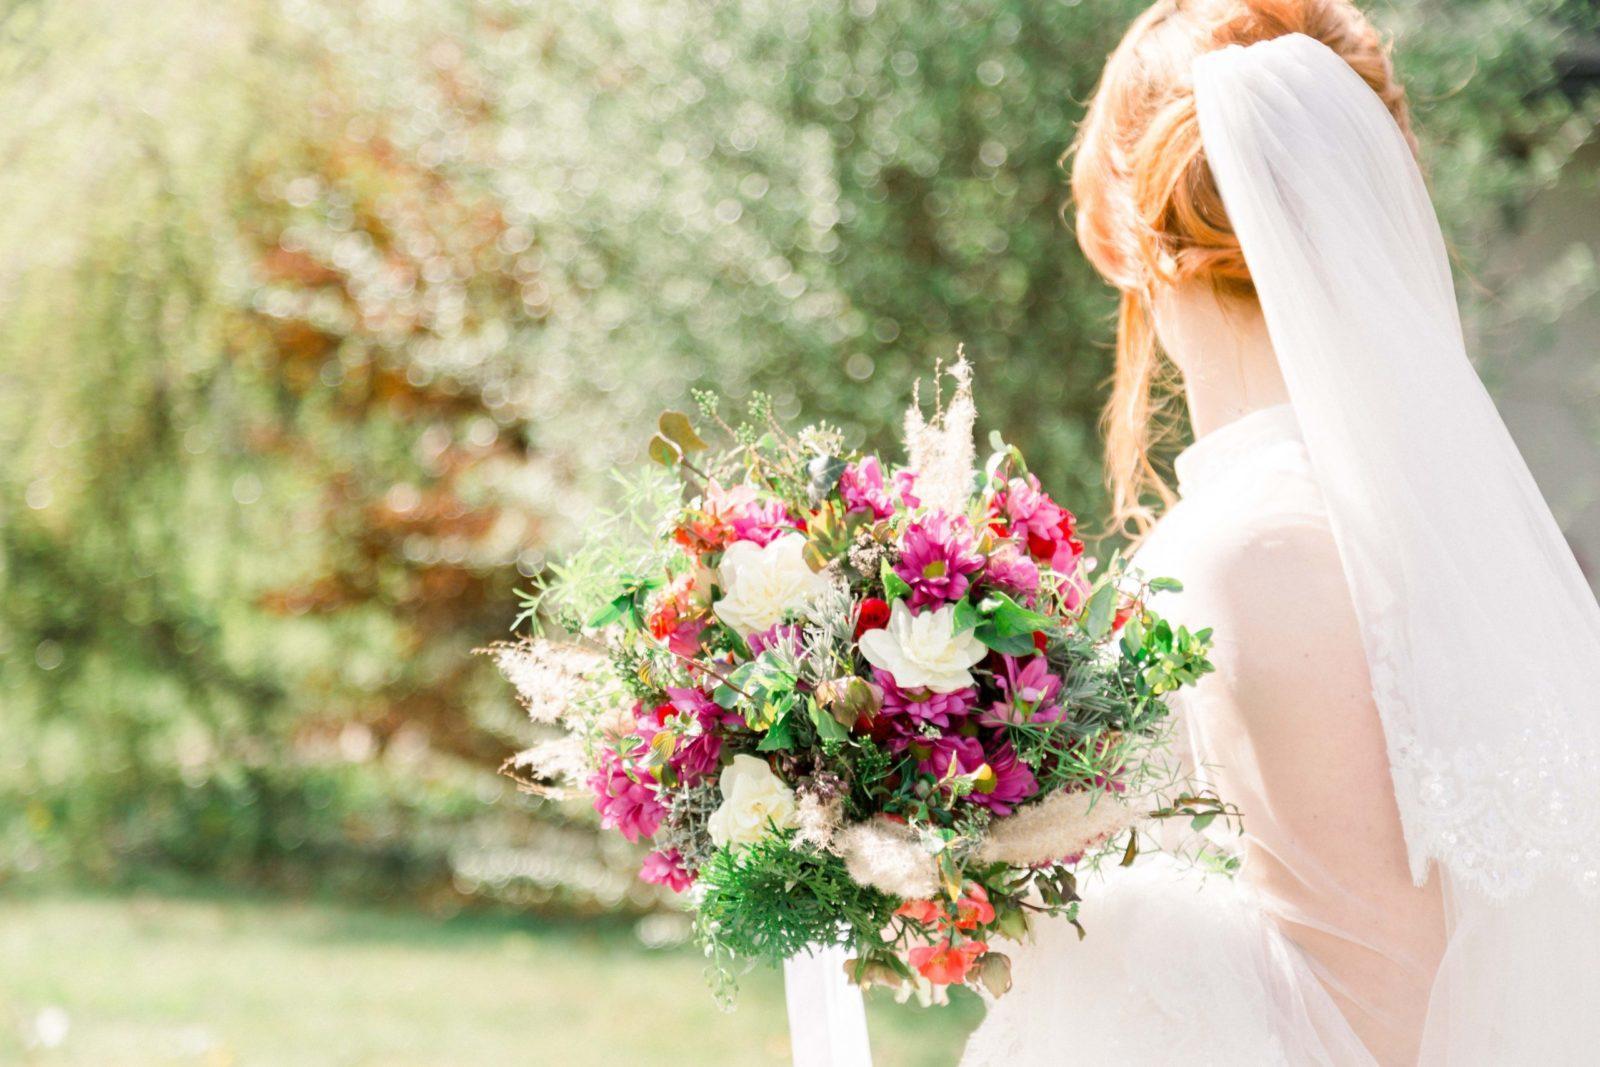 Nevesta so závojom drží kyticu z lúčnych kvetov.